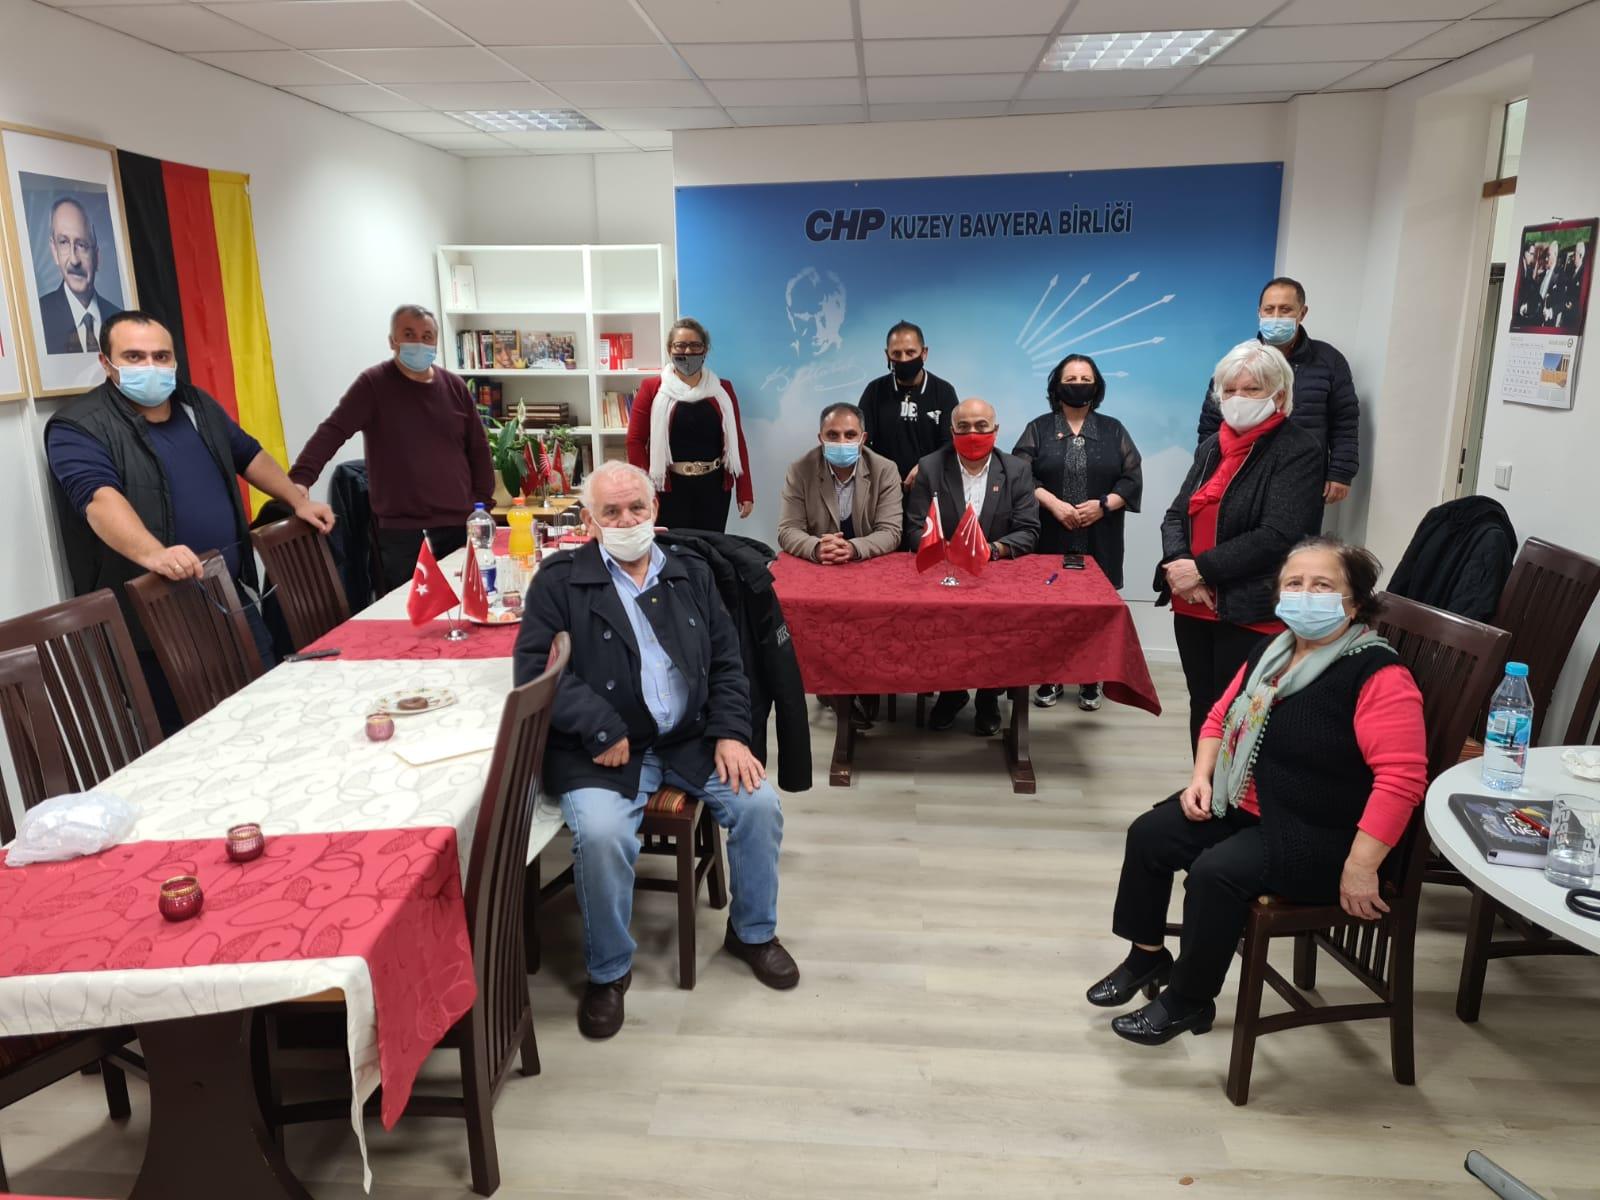 Kuzey Bavyera CHP`den Cumhuriyet Bayramı kutlaması